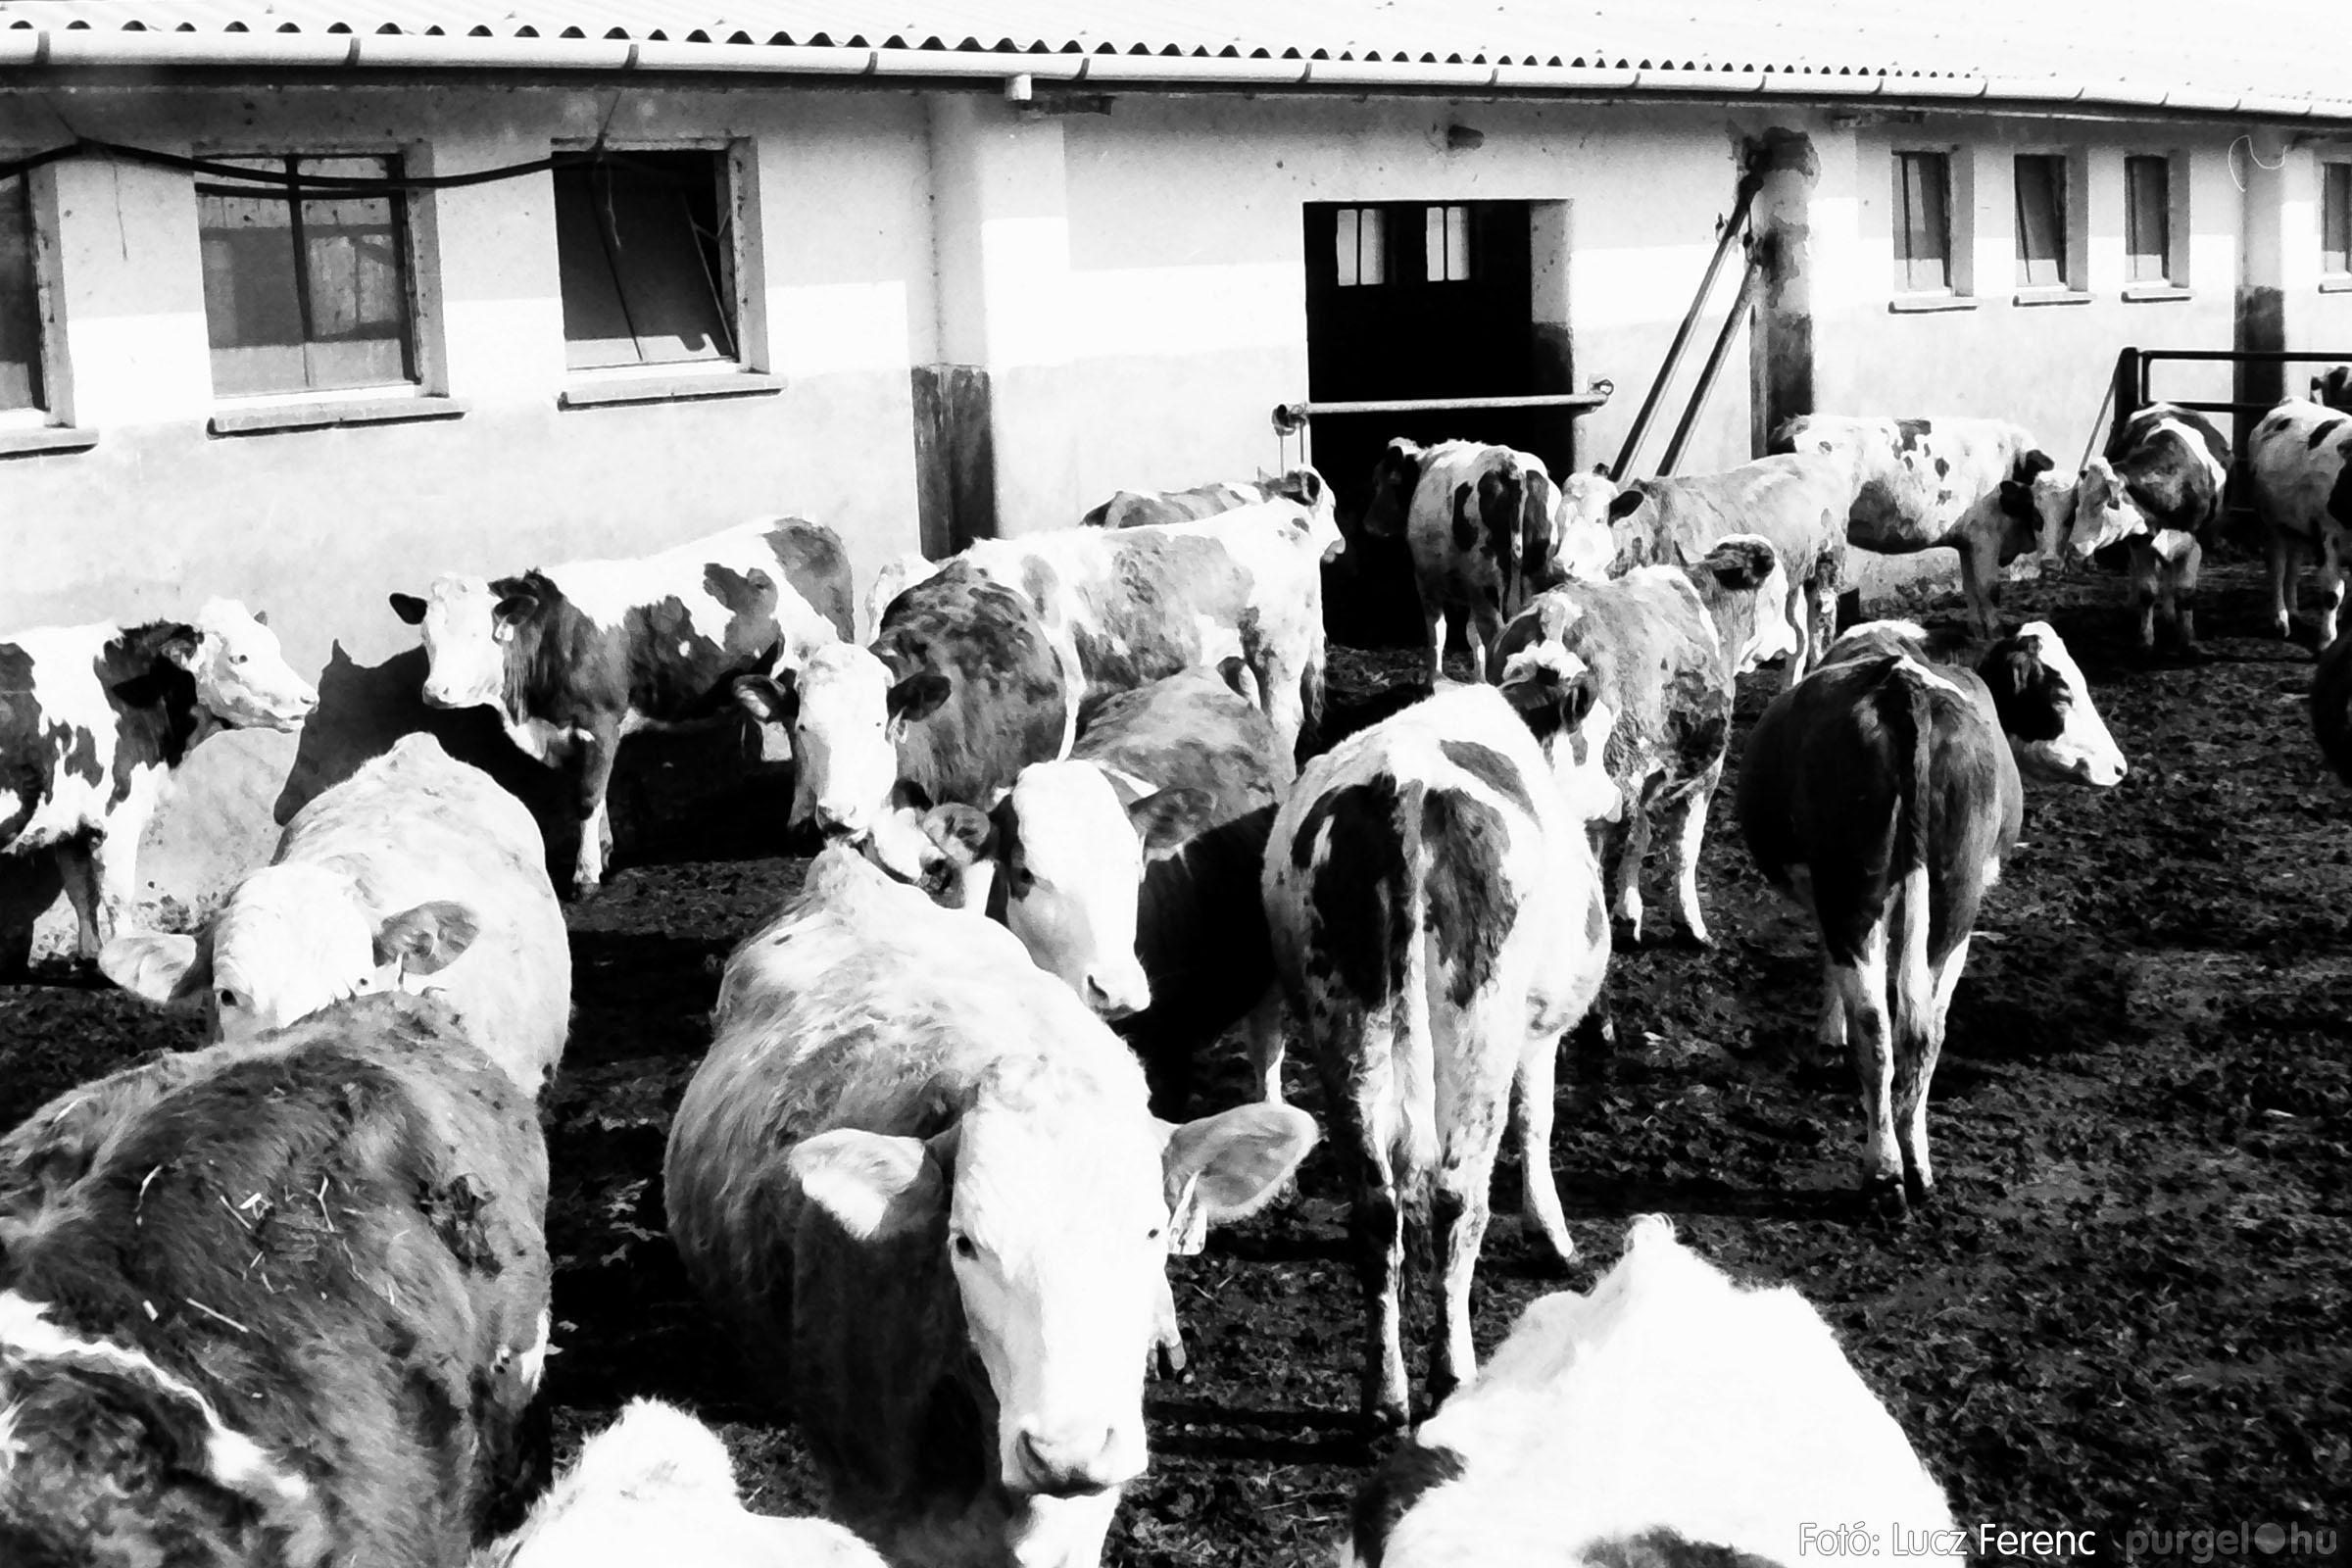 033-034. 1976. Élet a sápi tehenészetben 016 - Fotó: Lucz Ferenc.jpg